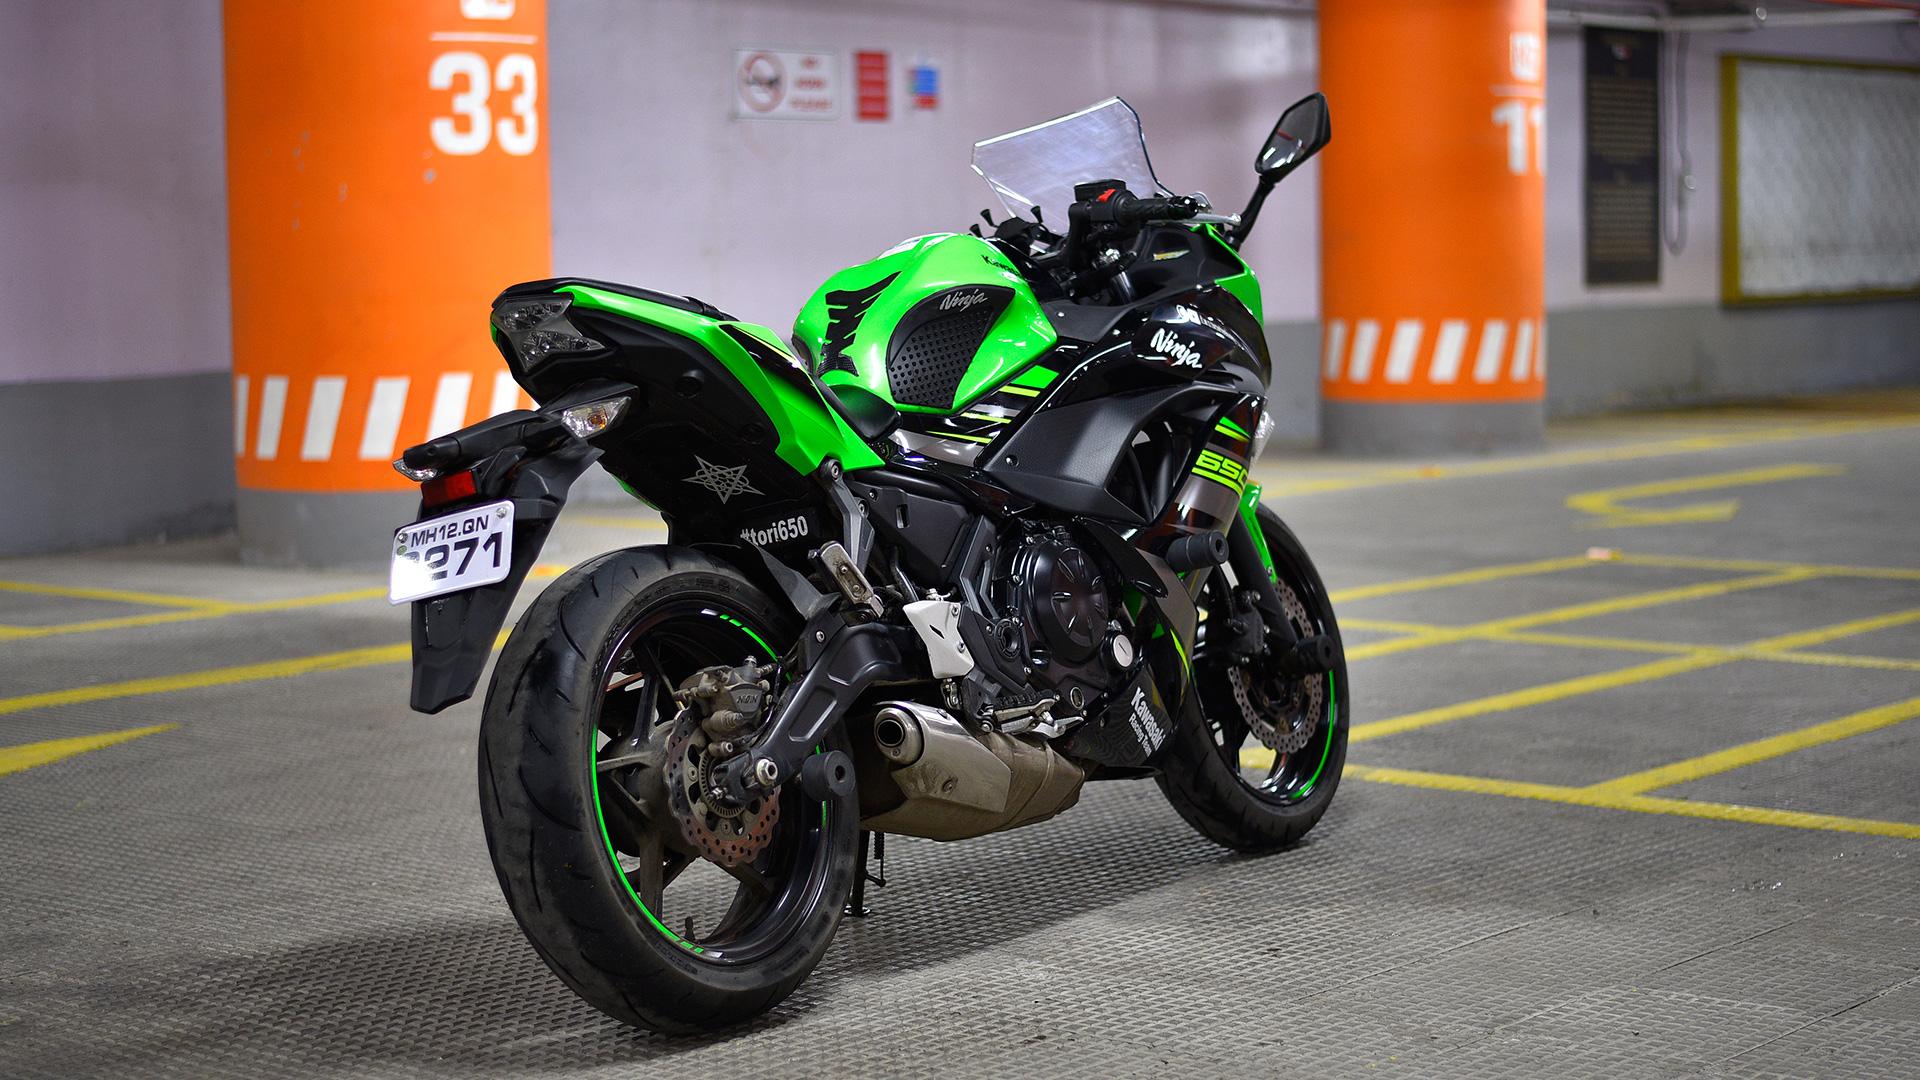 Kawasaki Ninja 650 2018 - Price, Mileage, Reviews ...